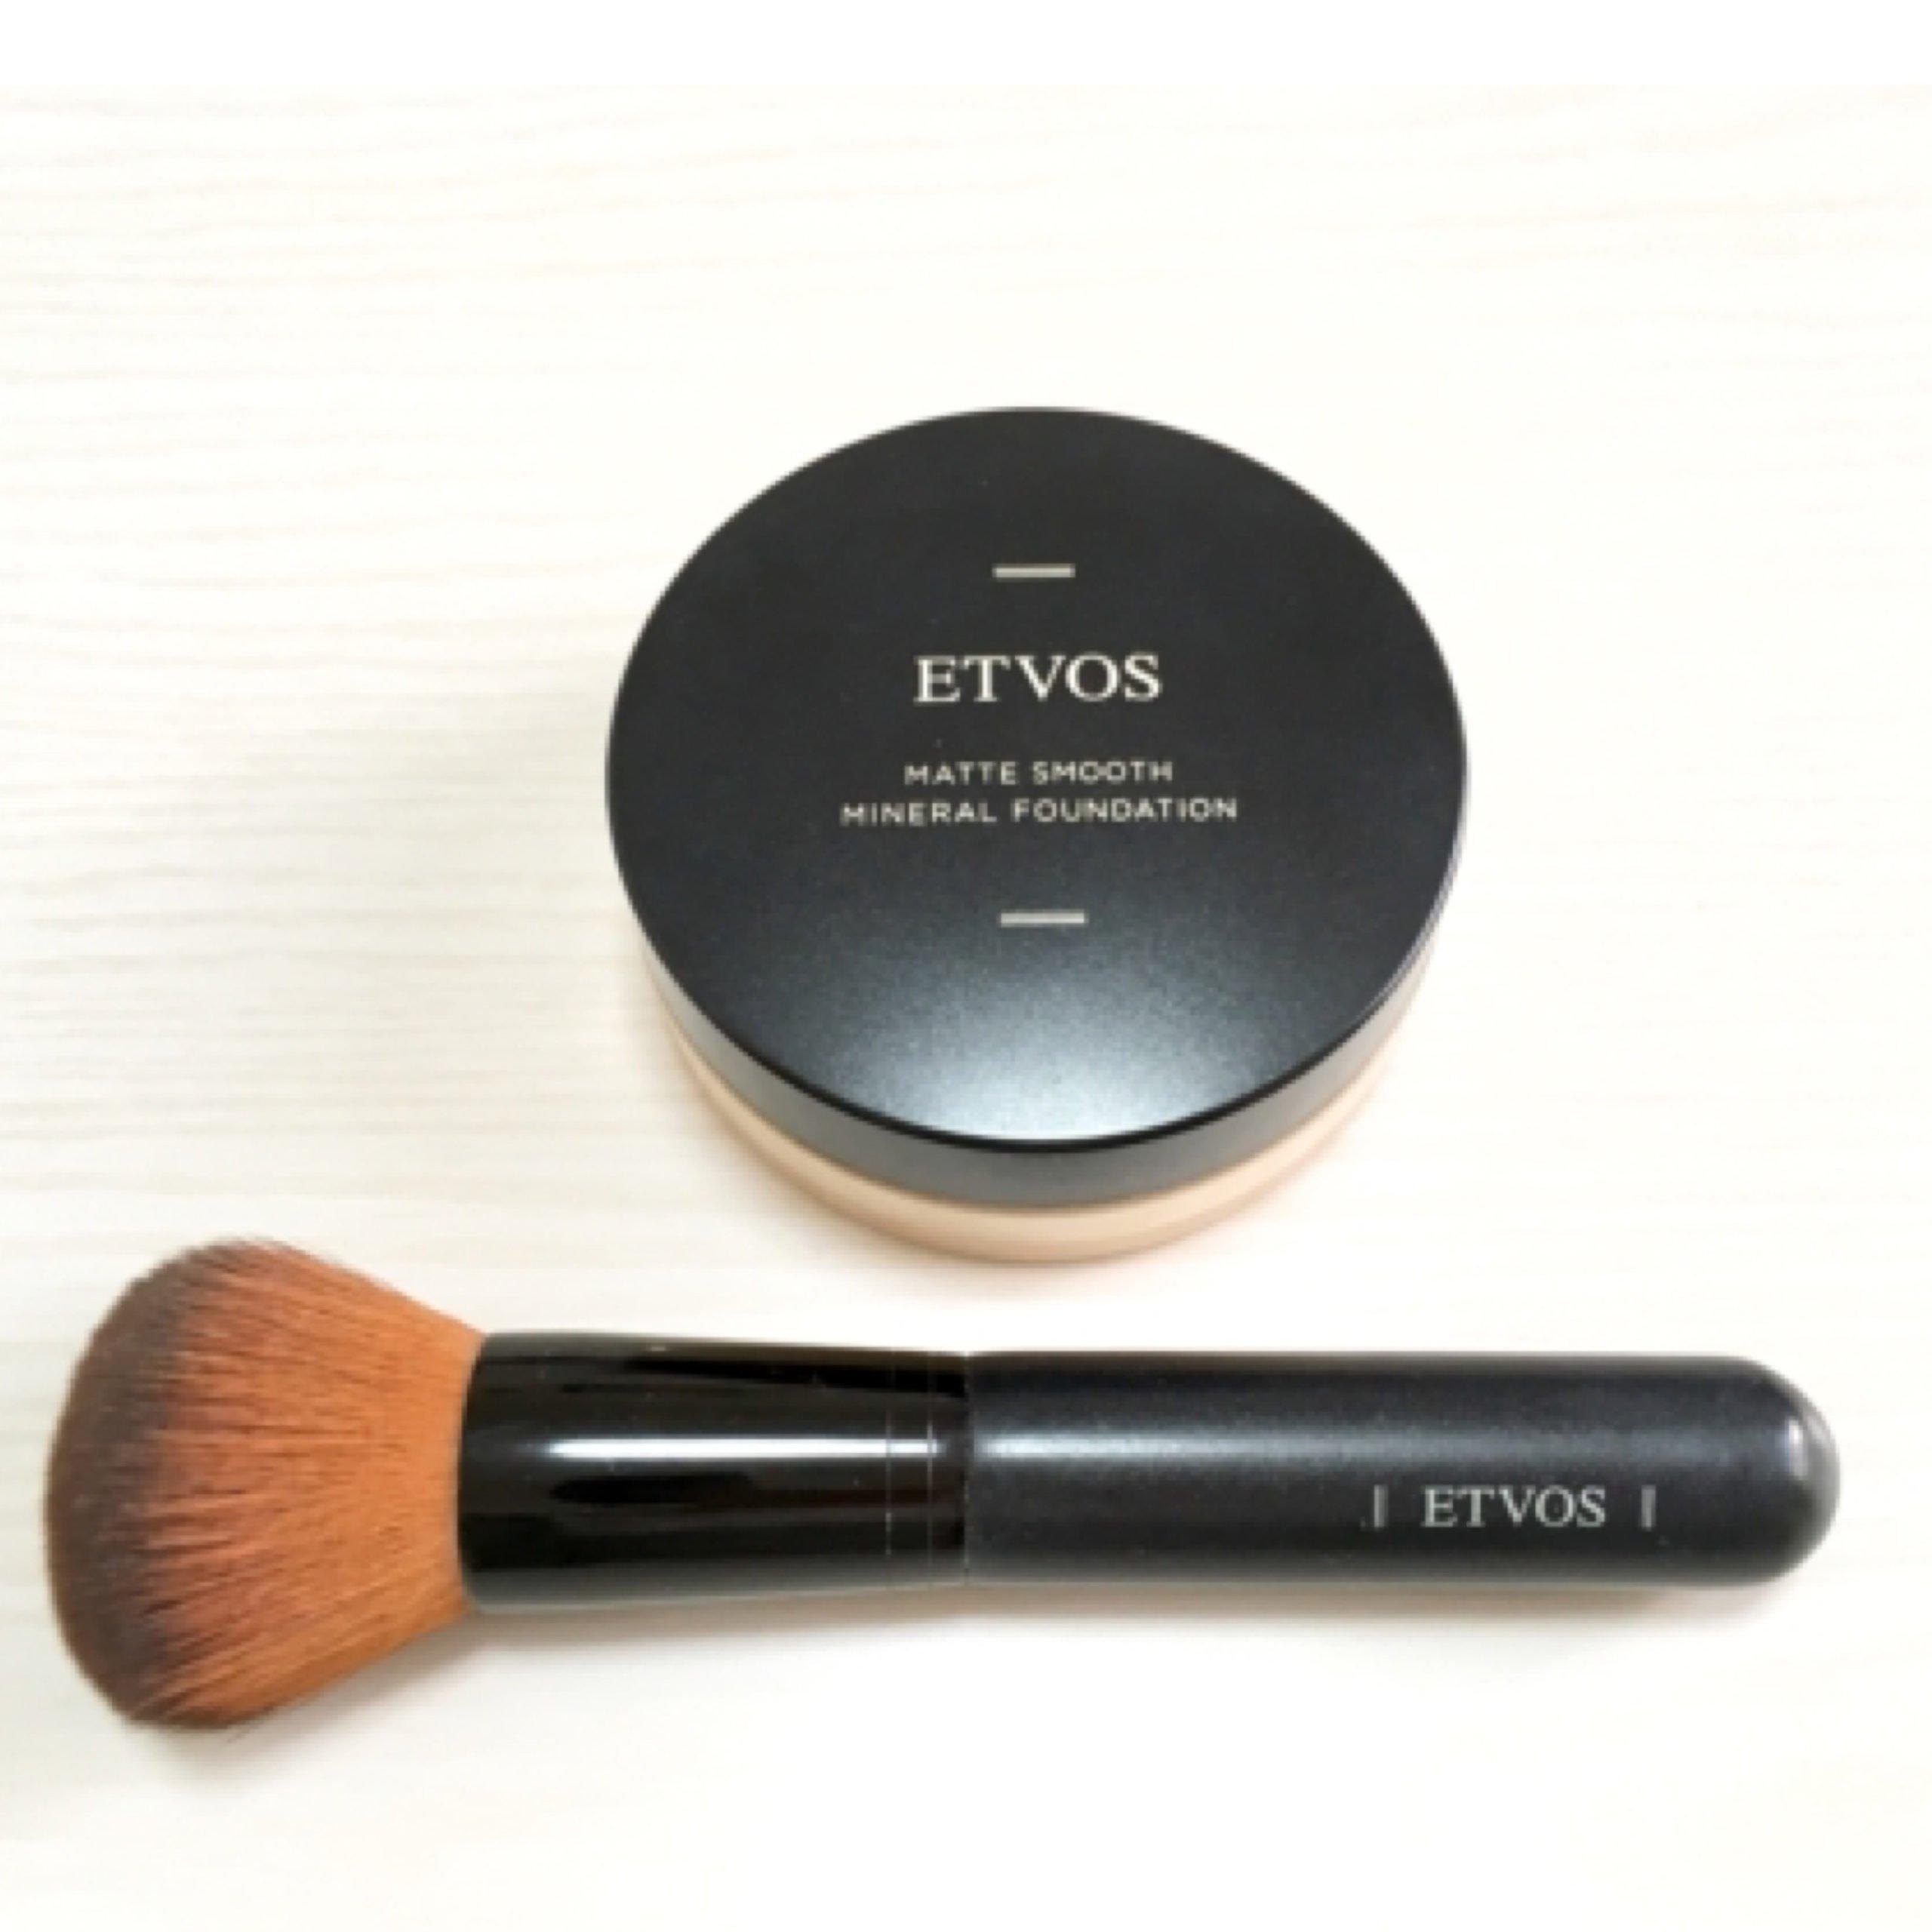 愛用中!ETVOS(エトヴォス)の化粧品が子育てママにおすすめの理由